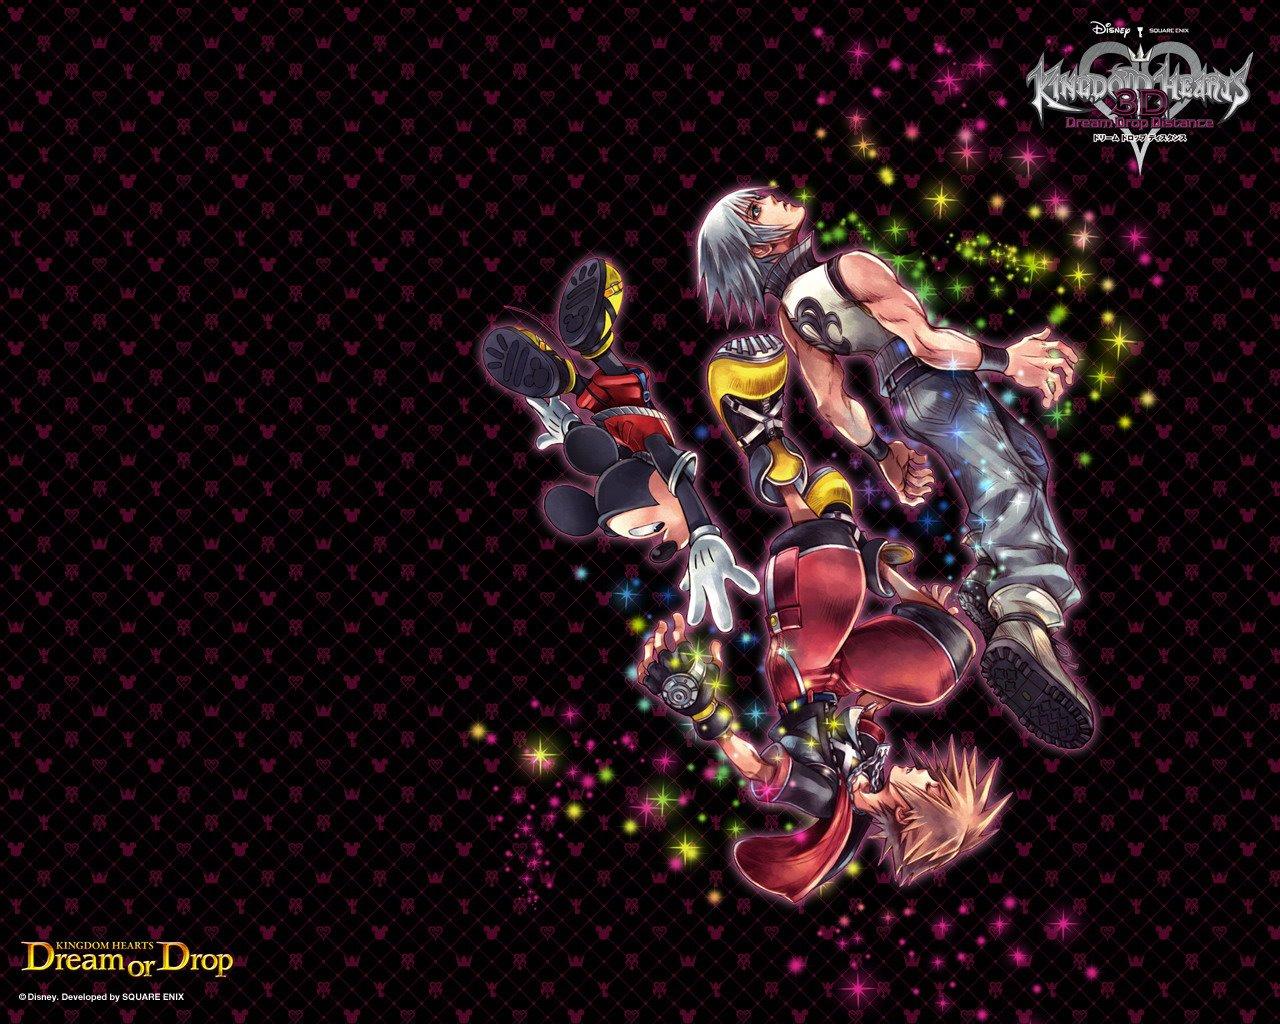 Kingdom Hearts 3d Dream Drop Distance Wallpaper Zerochan Anime